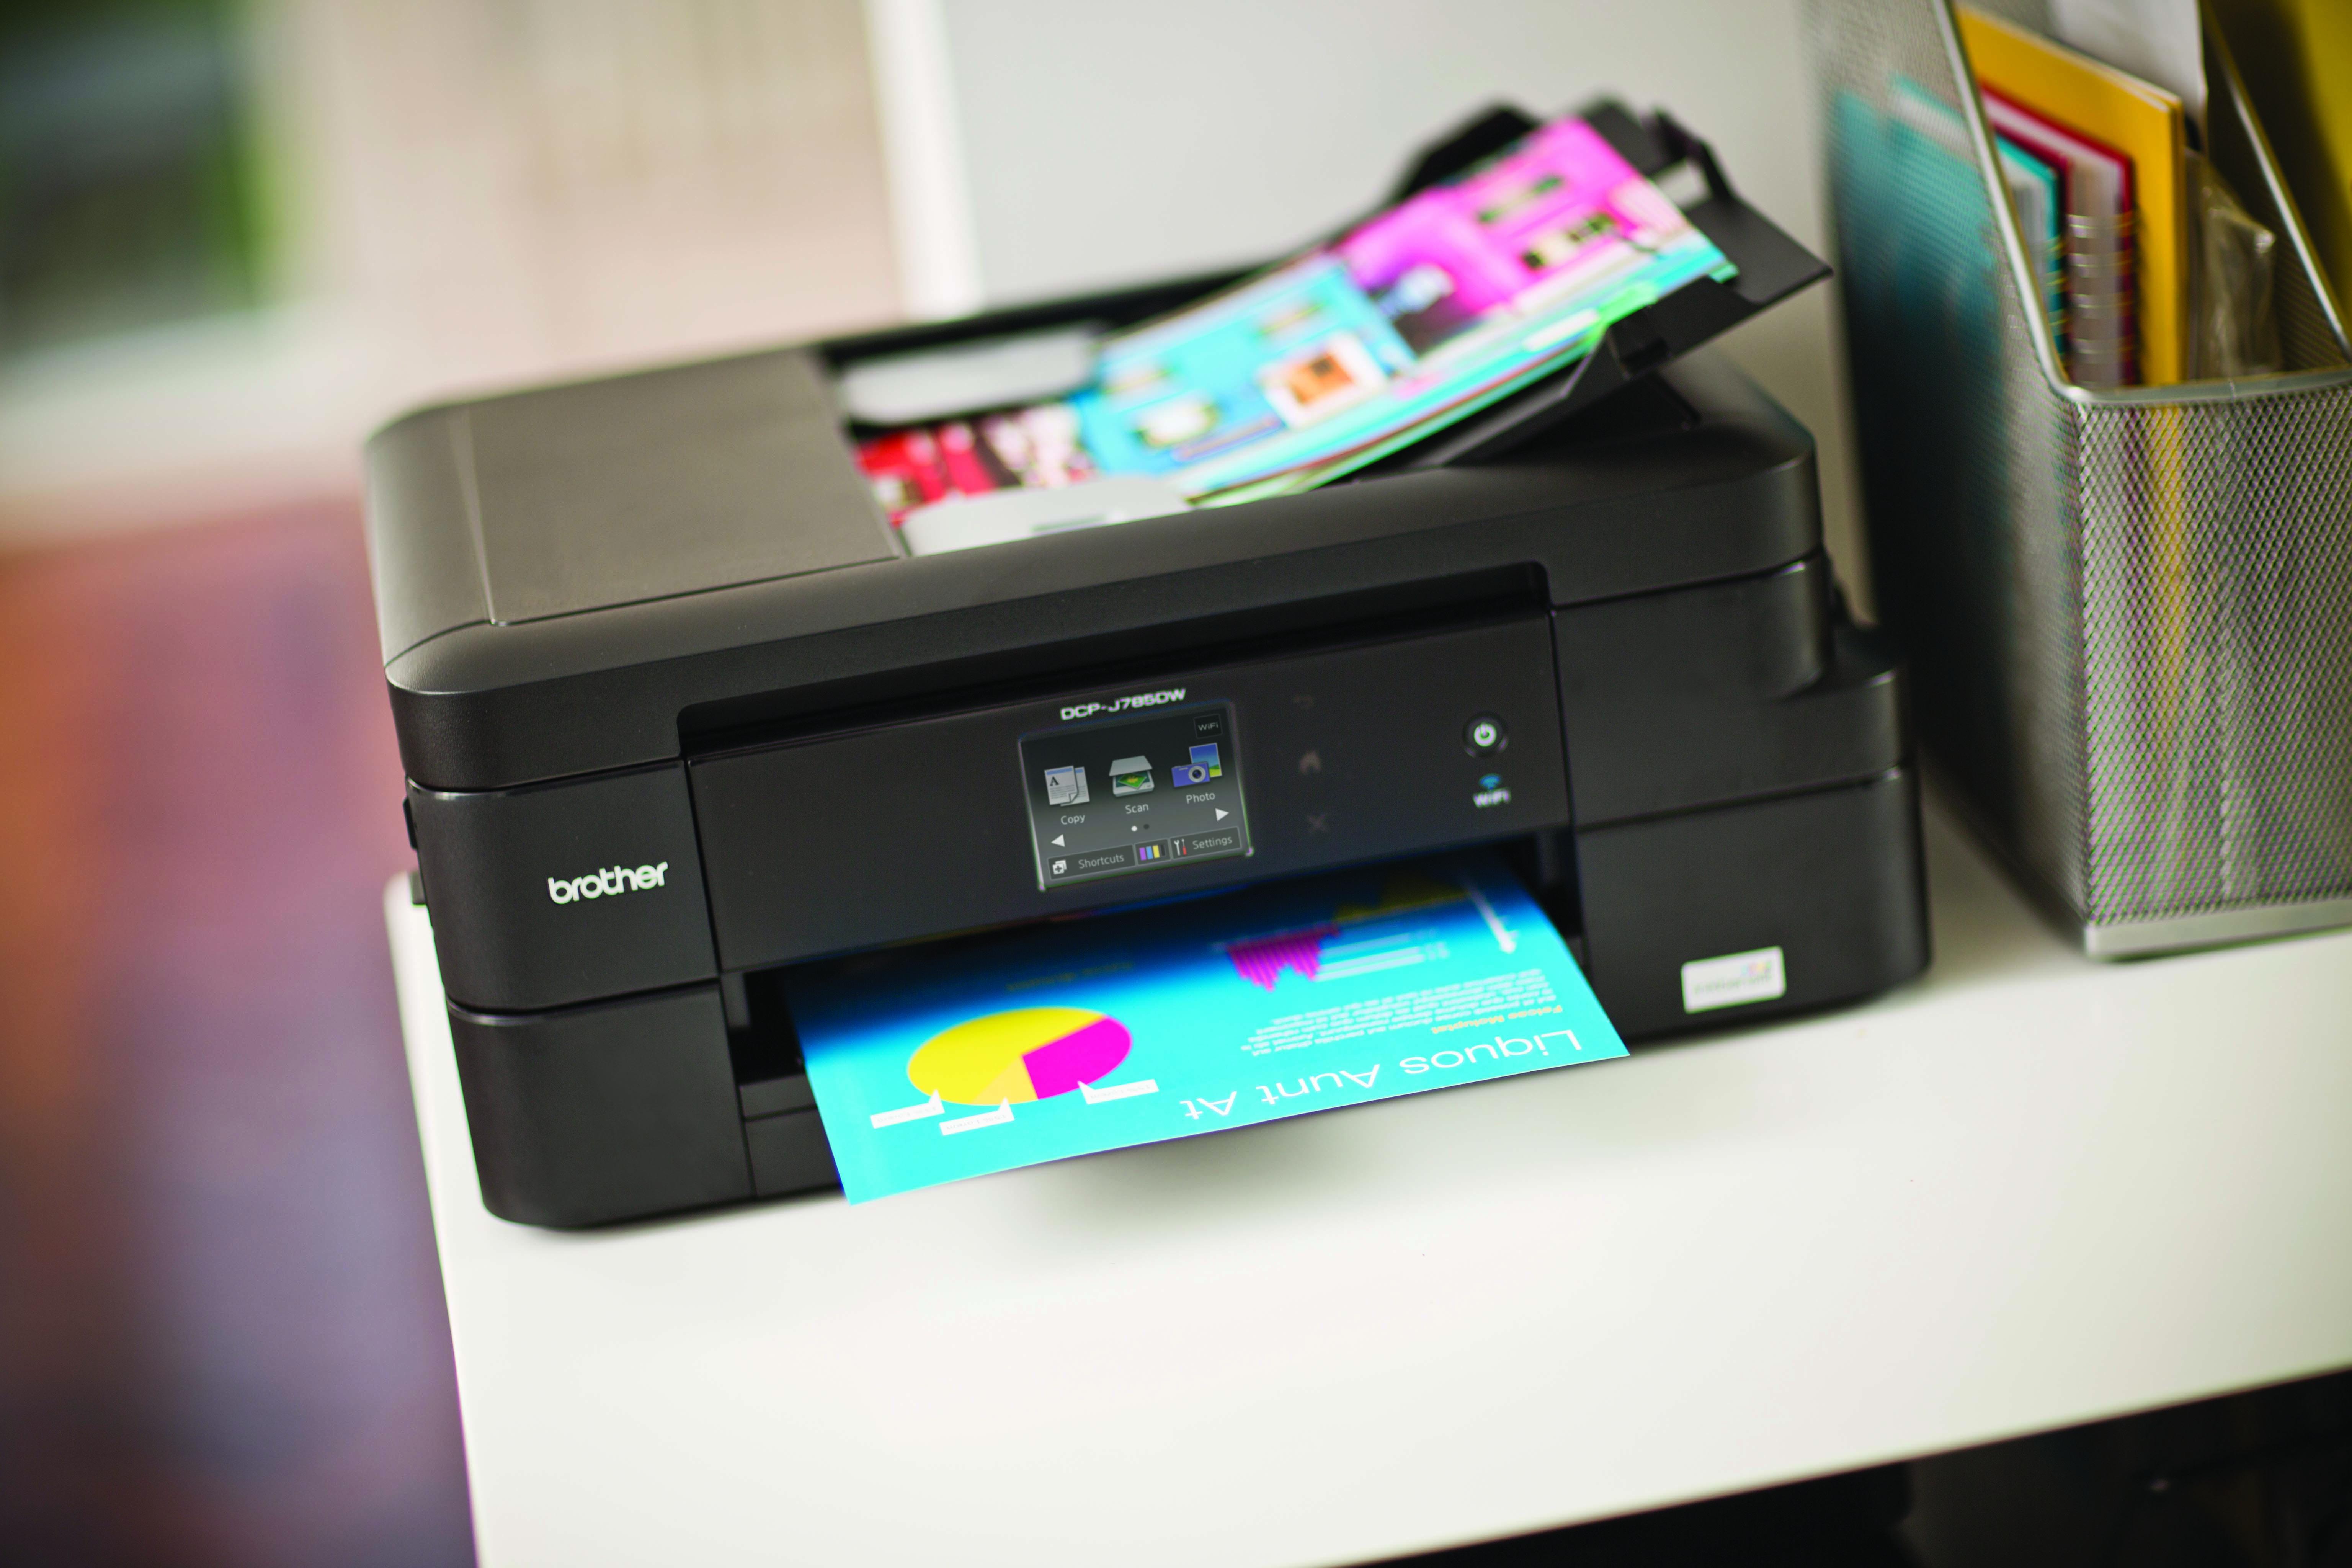 DCP-J785DW compact printer